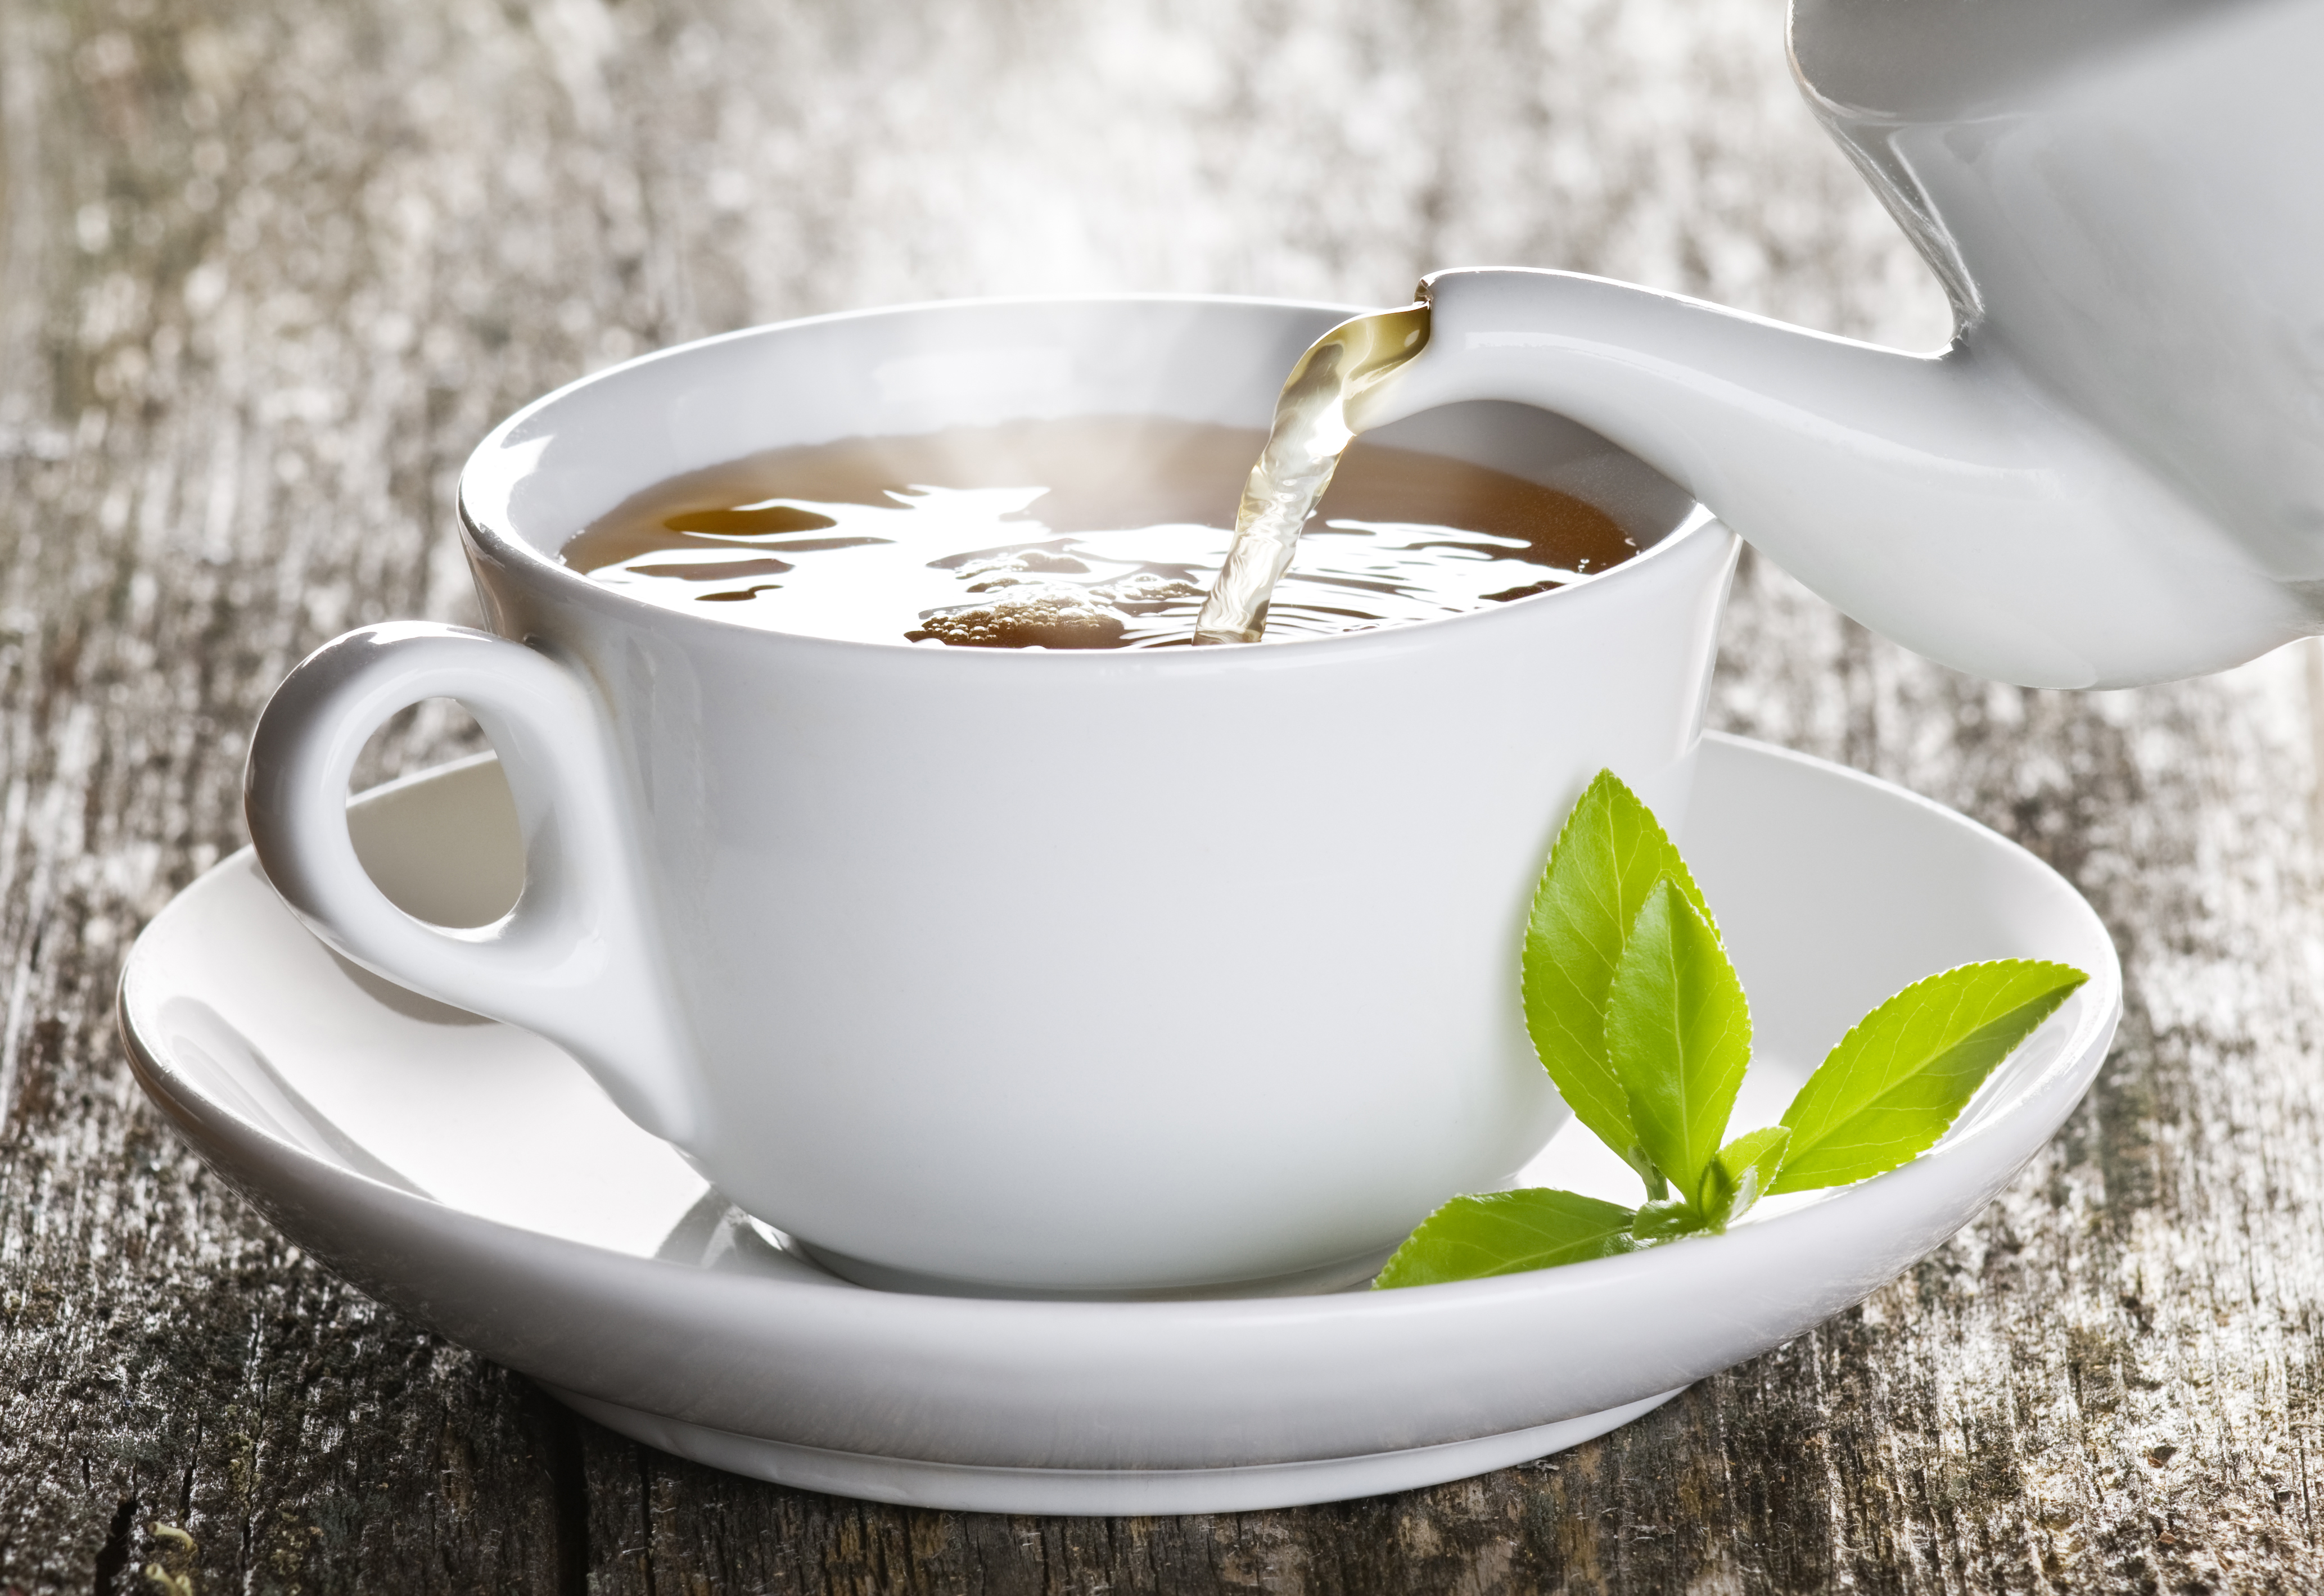 Jakość ma znaczenie, czyli jak wygląda selekcja liści herbacianych?